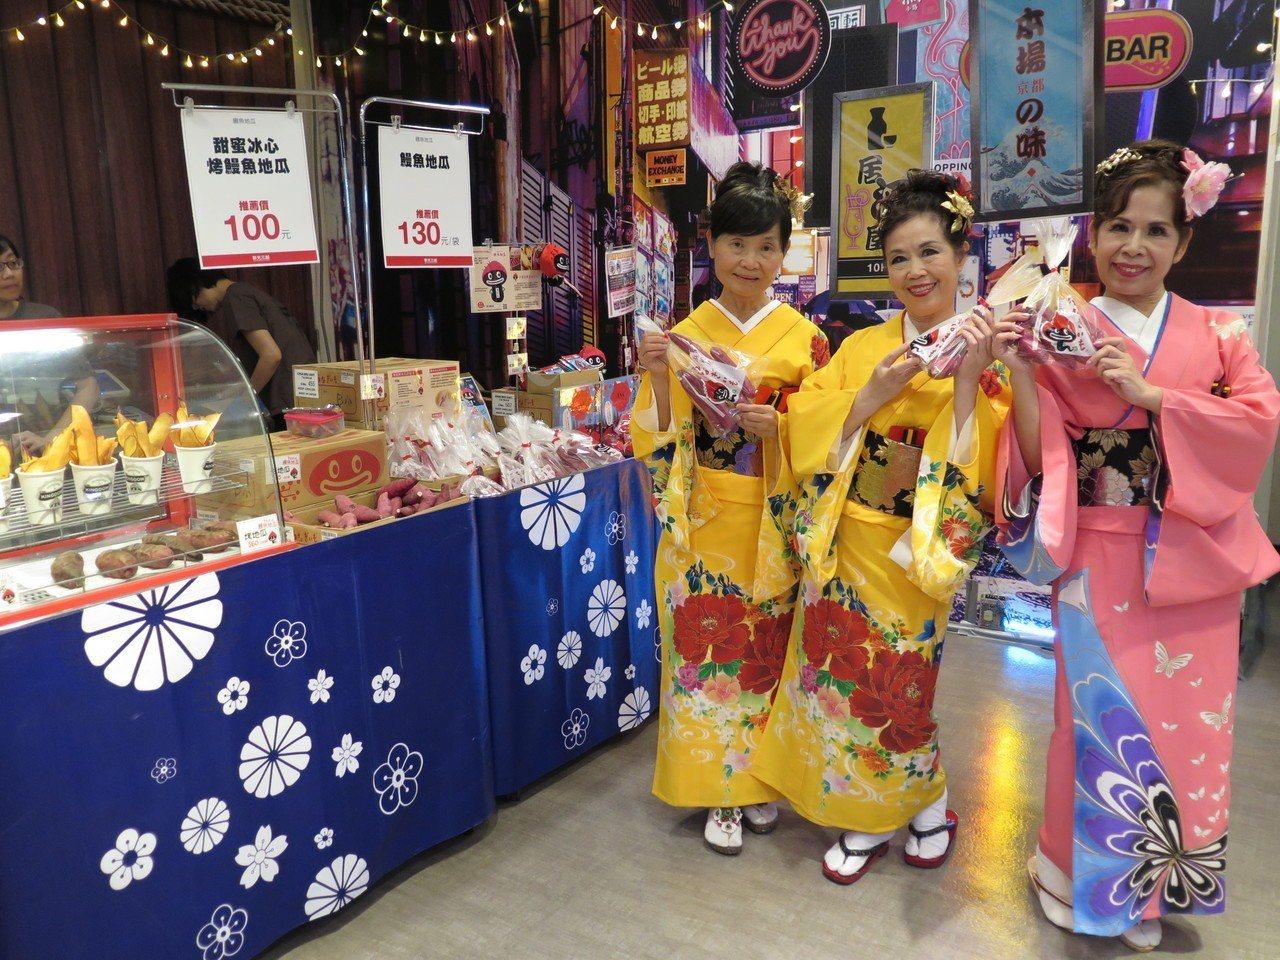 日本物產展引進產於日本靜岡縣濱松市的鰻魚地瓜。記者張裕珍/攝影